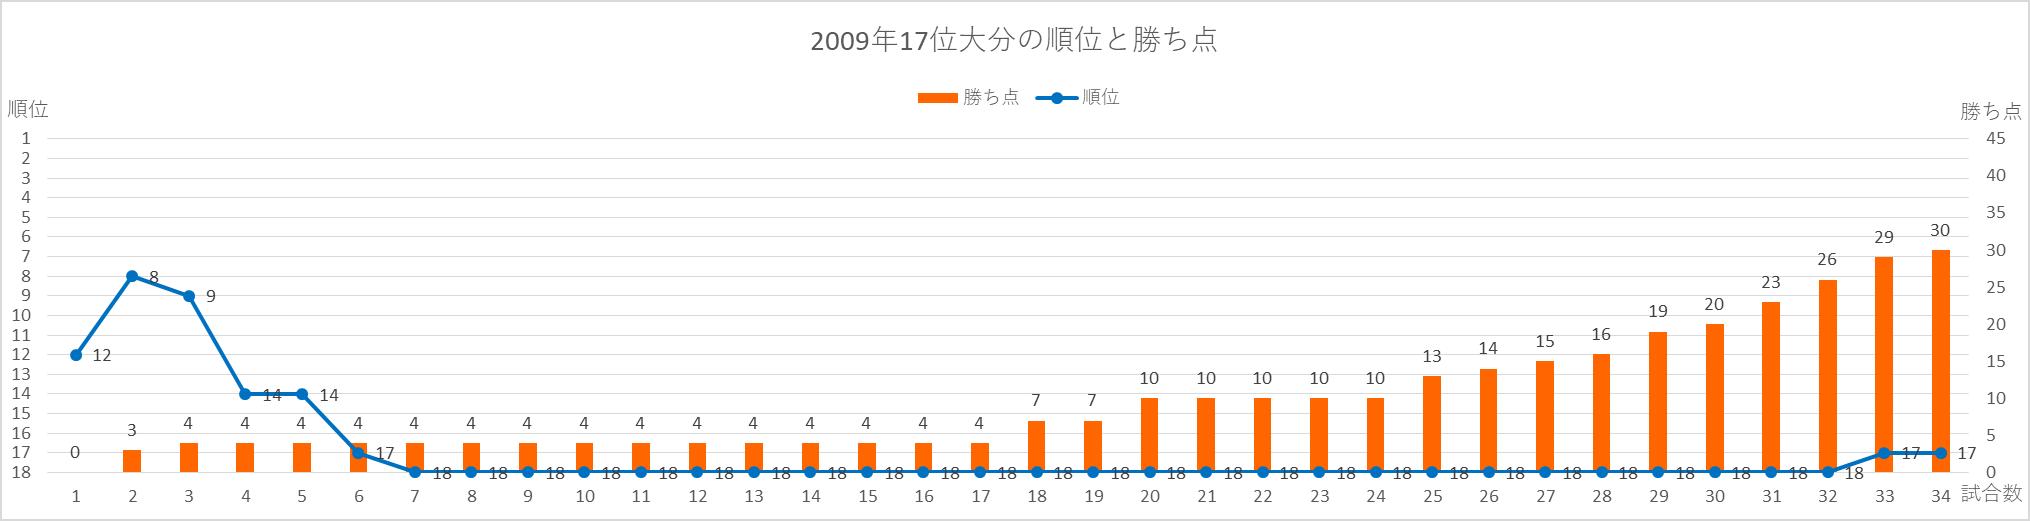 2009大分の順位と勝ち点の推移